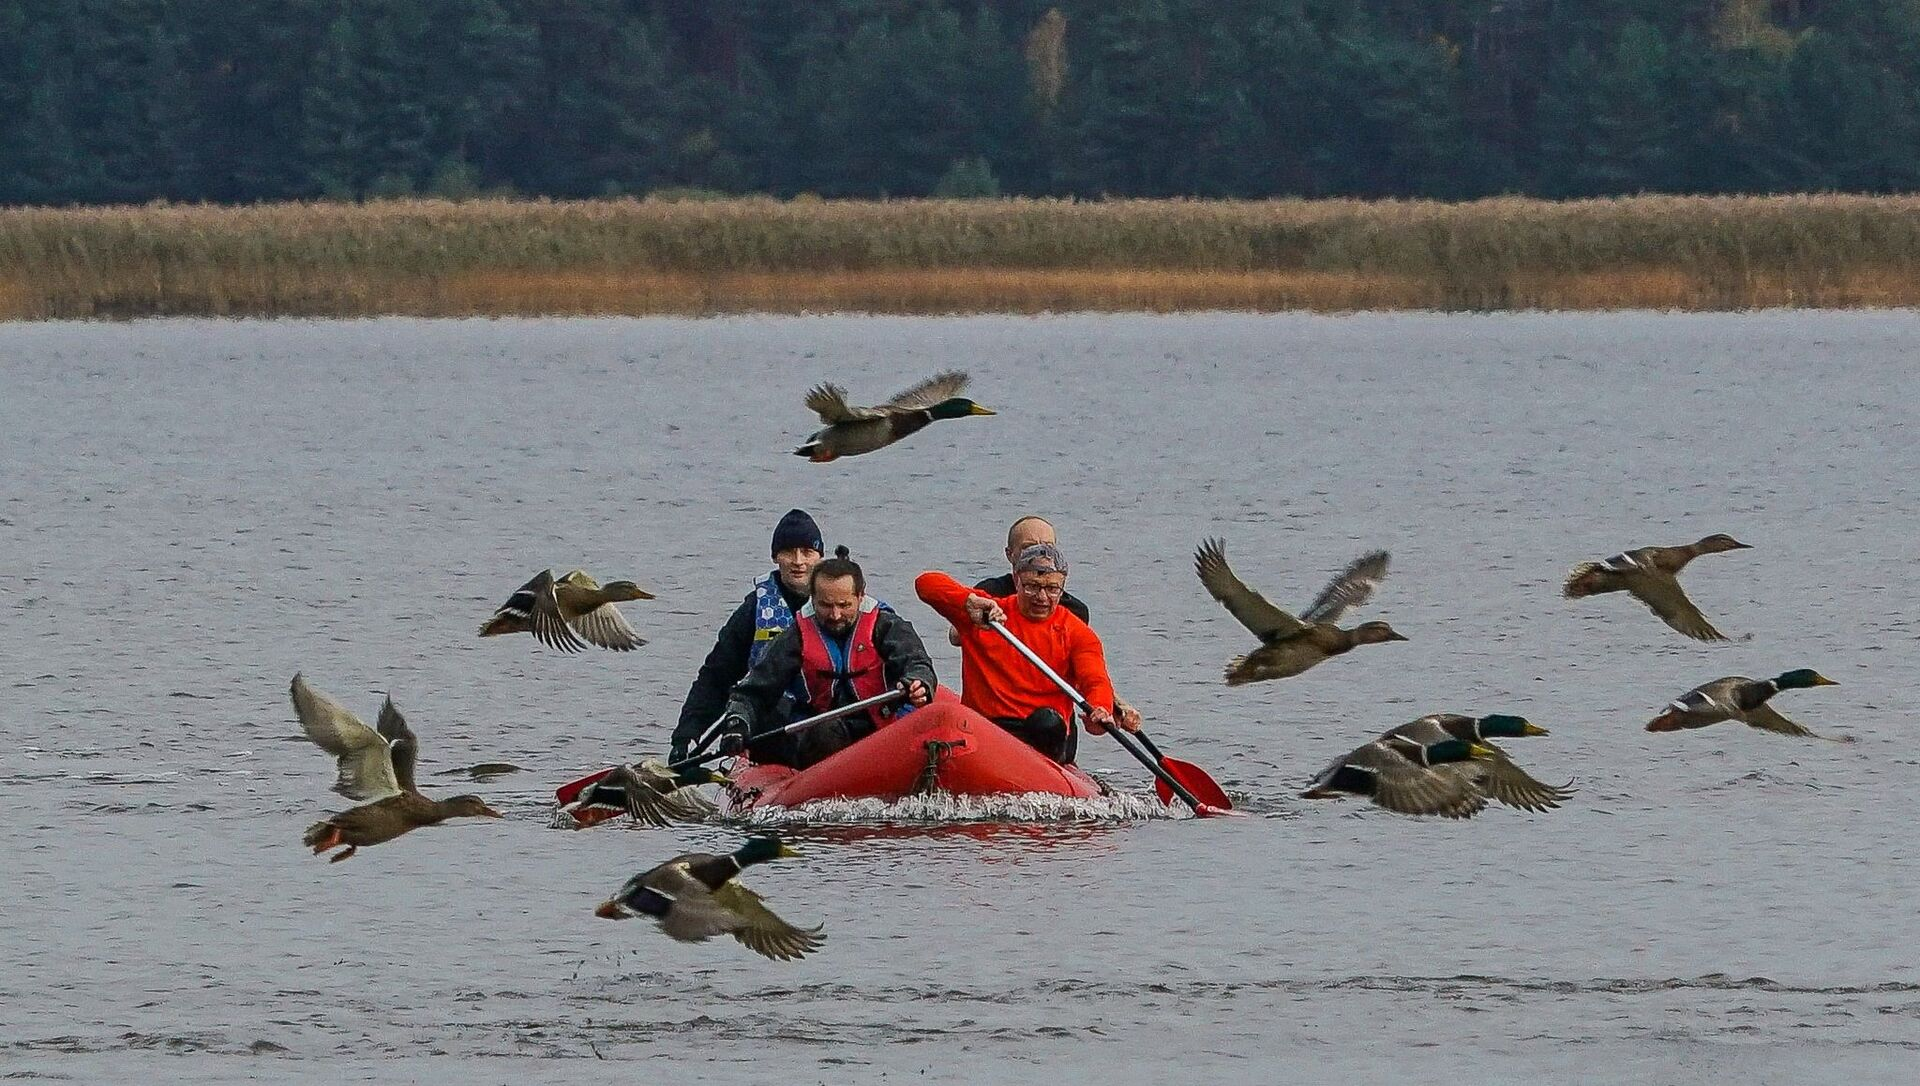 Лодка команды Латвийского антинацистского комитета третий раз подряд финиширует первой - Sputnik Латвия, 1920, 09.04.2021